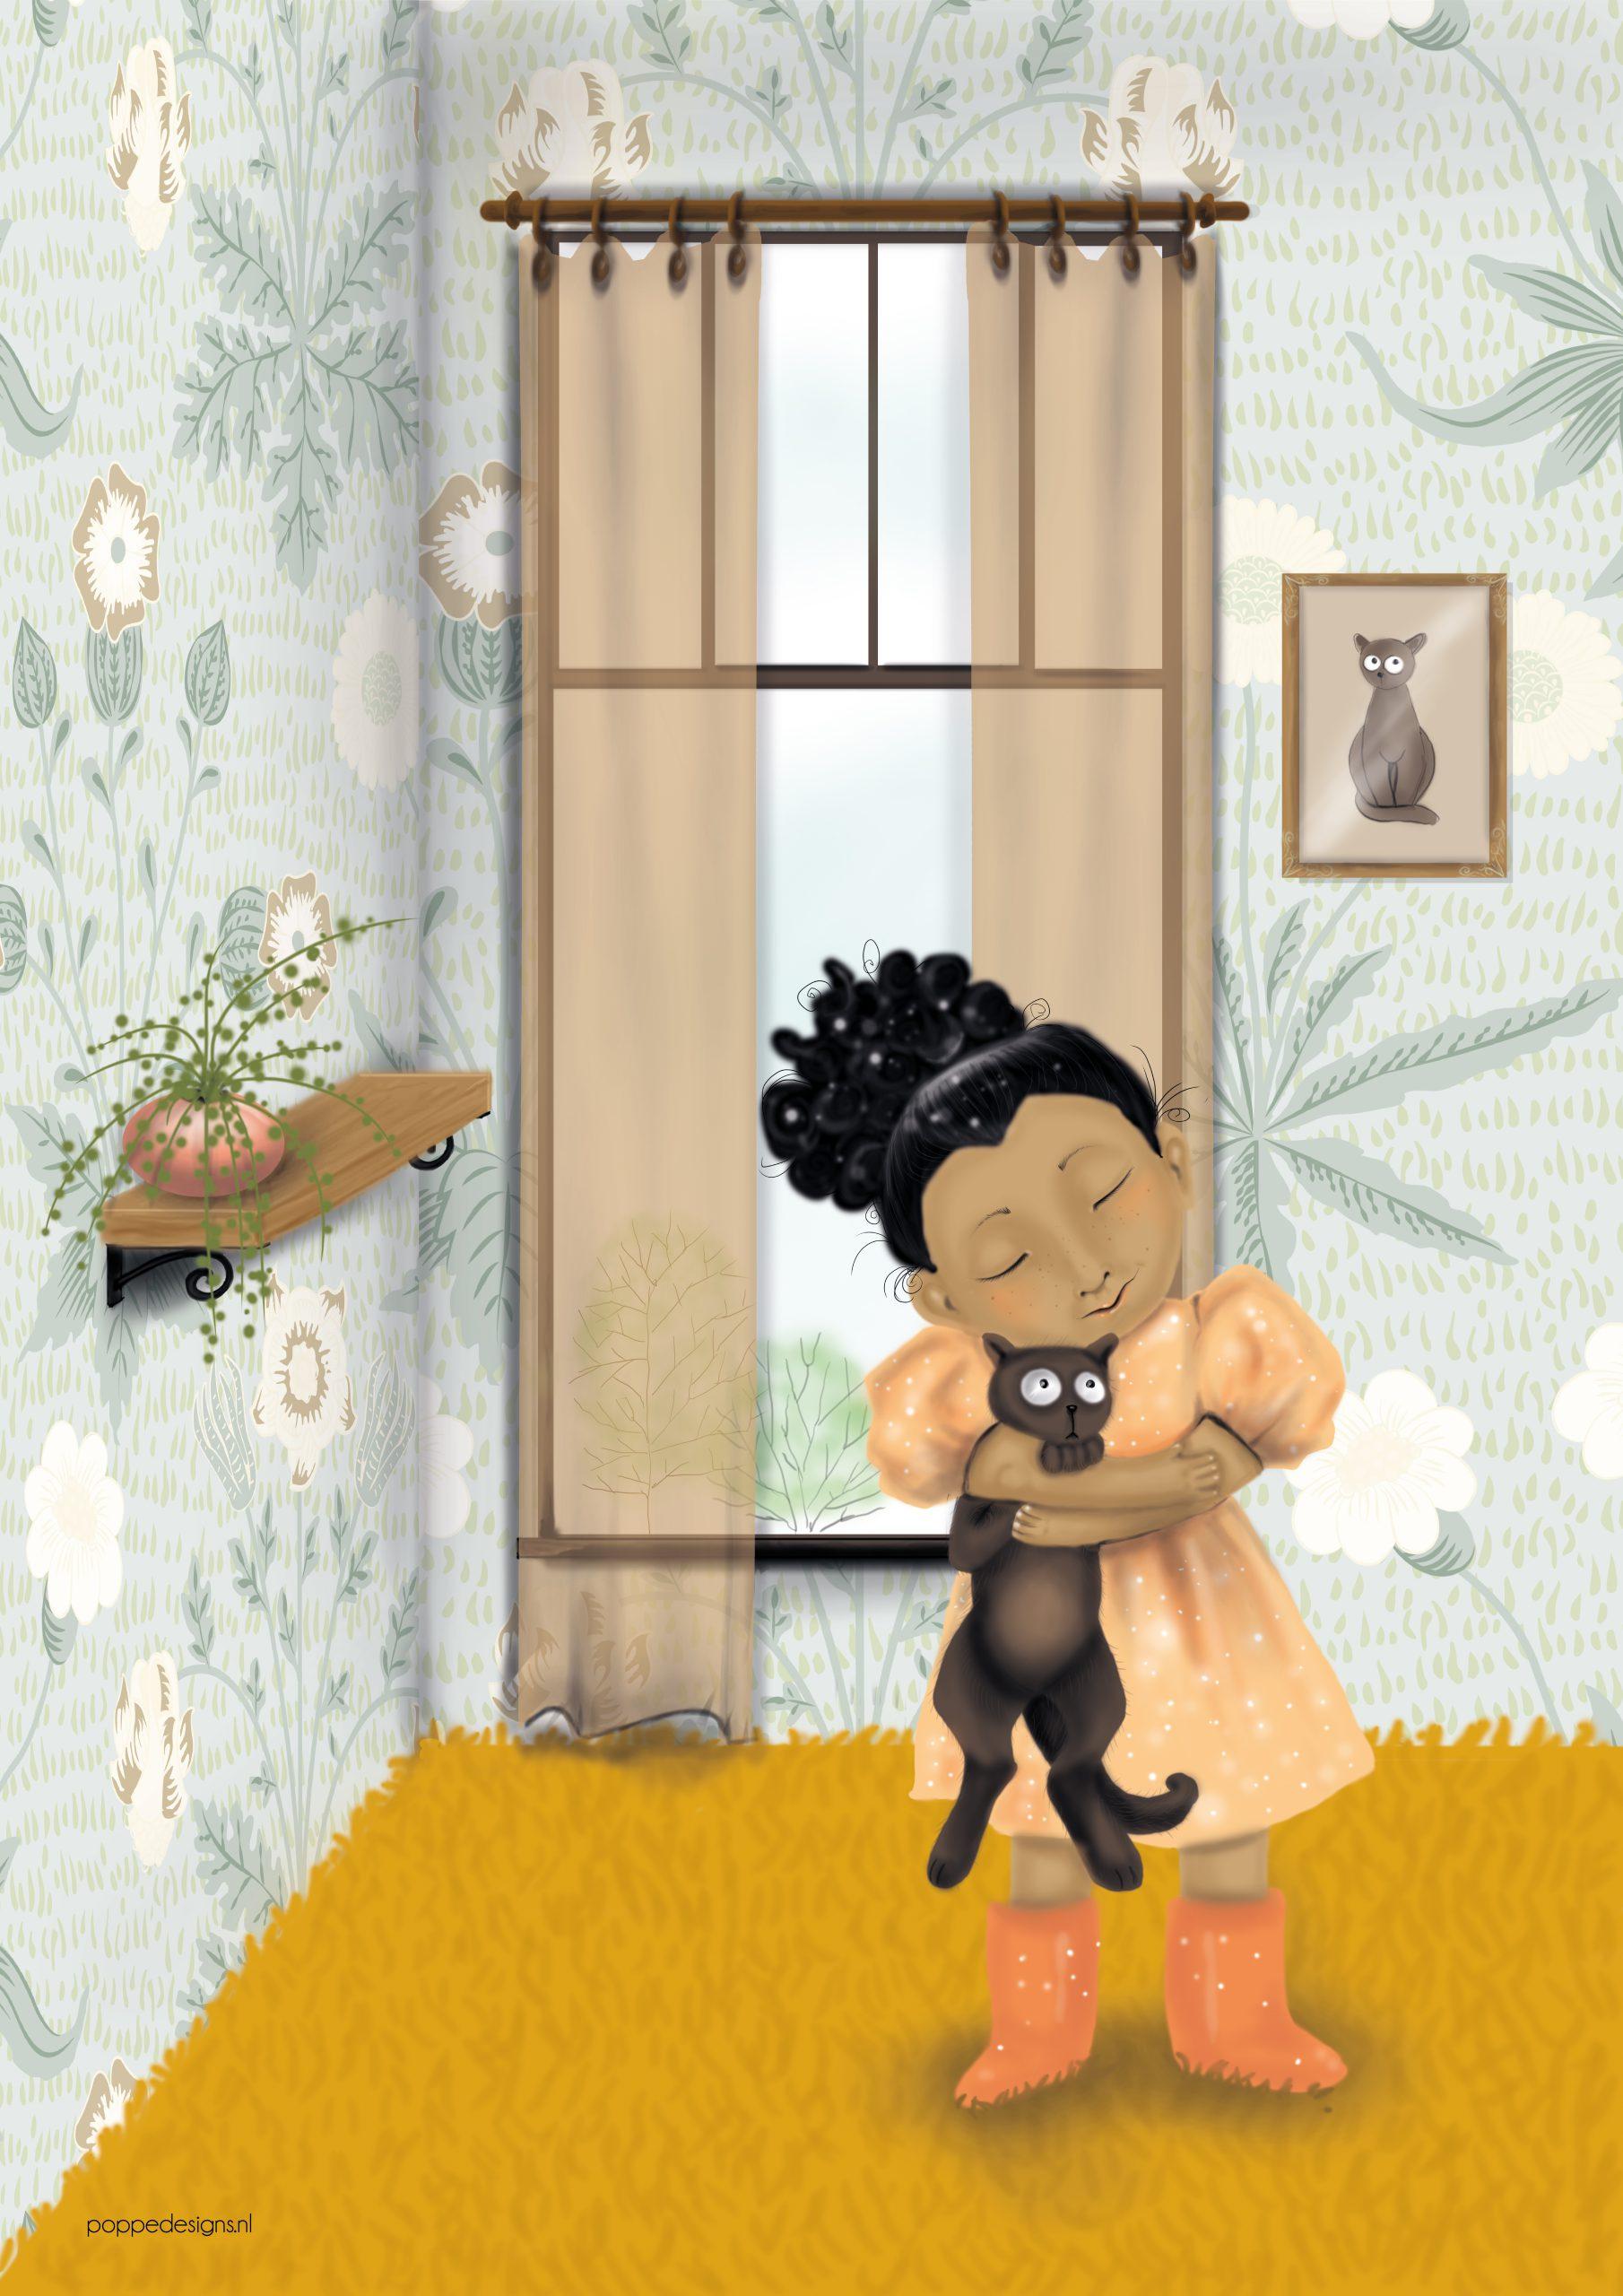 poster van kind met kat in huiskamer